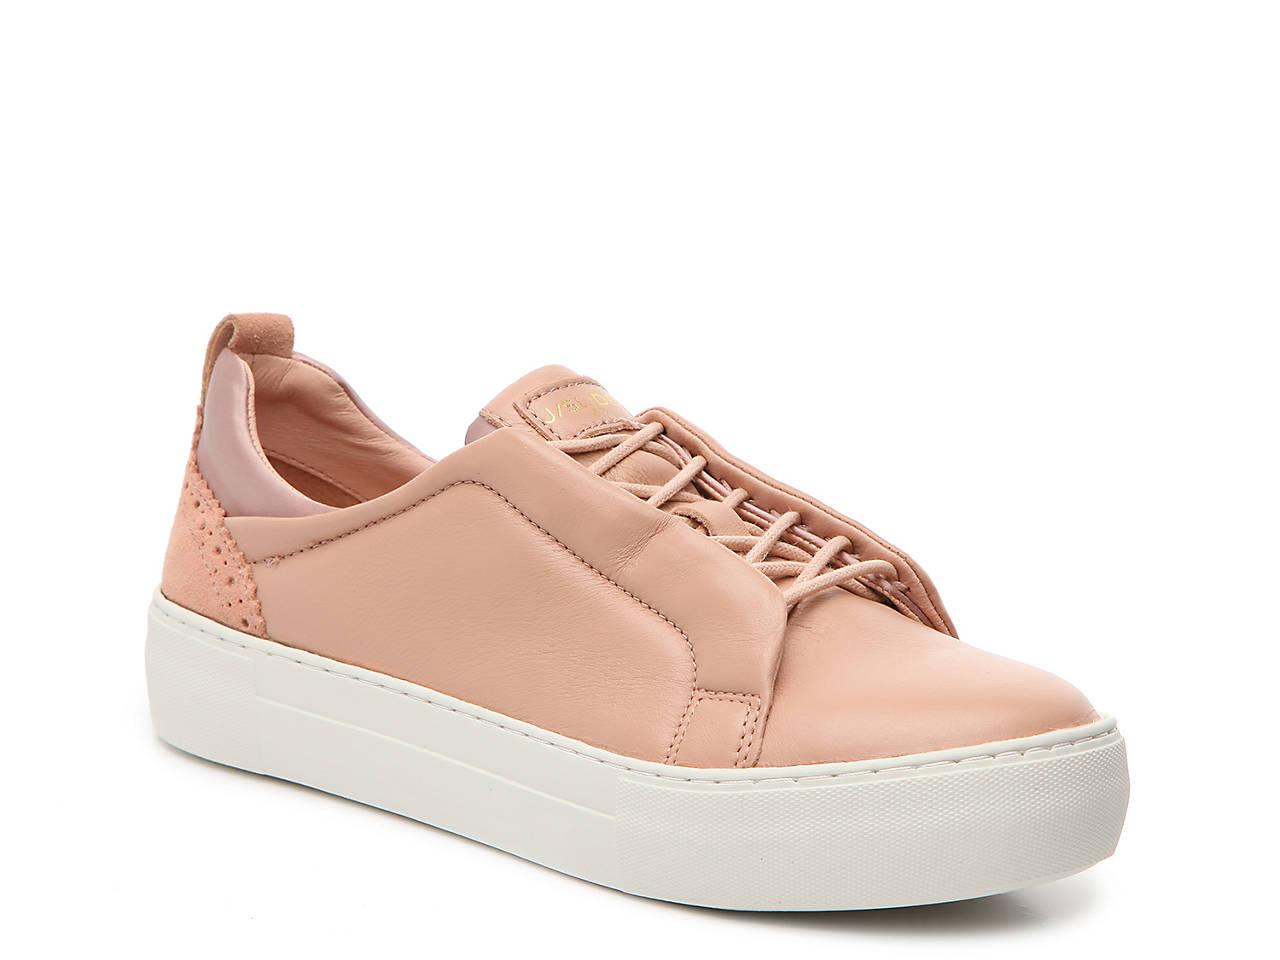 d9d861d9d J Slides Alma Sneaker Women's Shoes   DSW